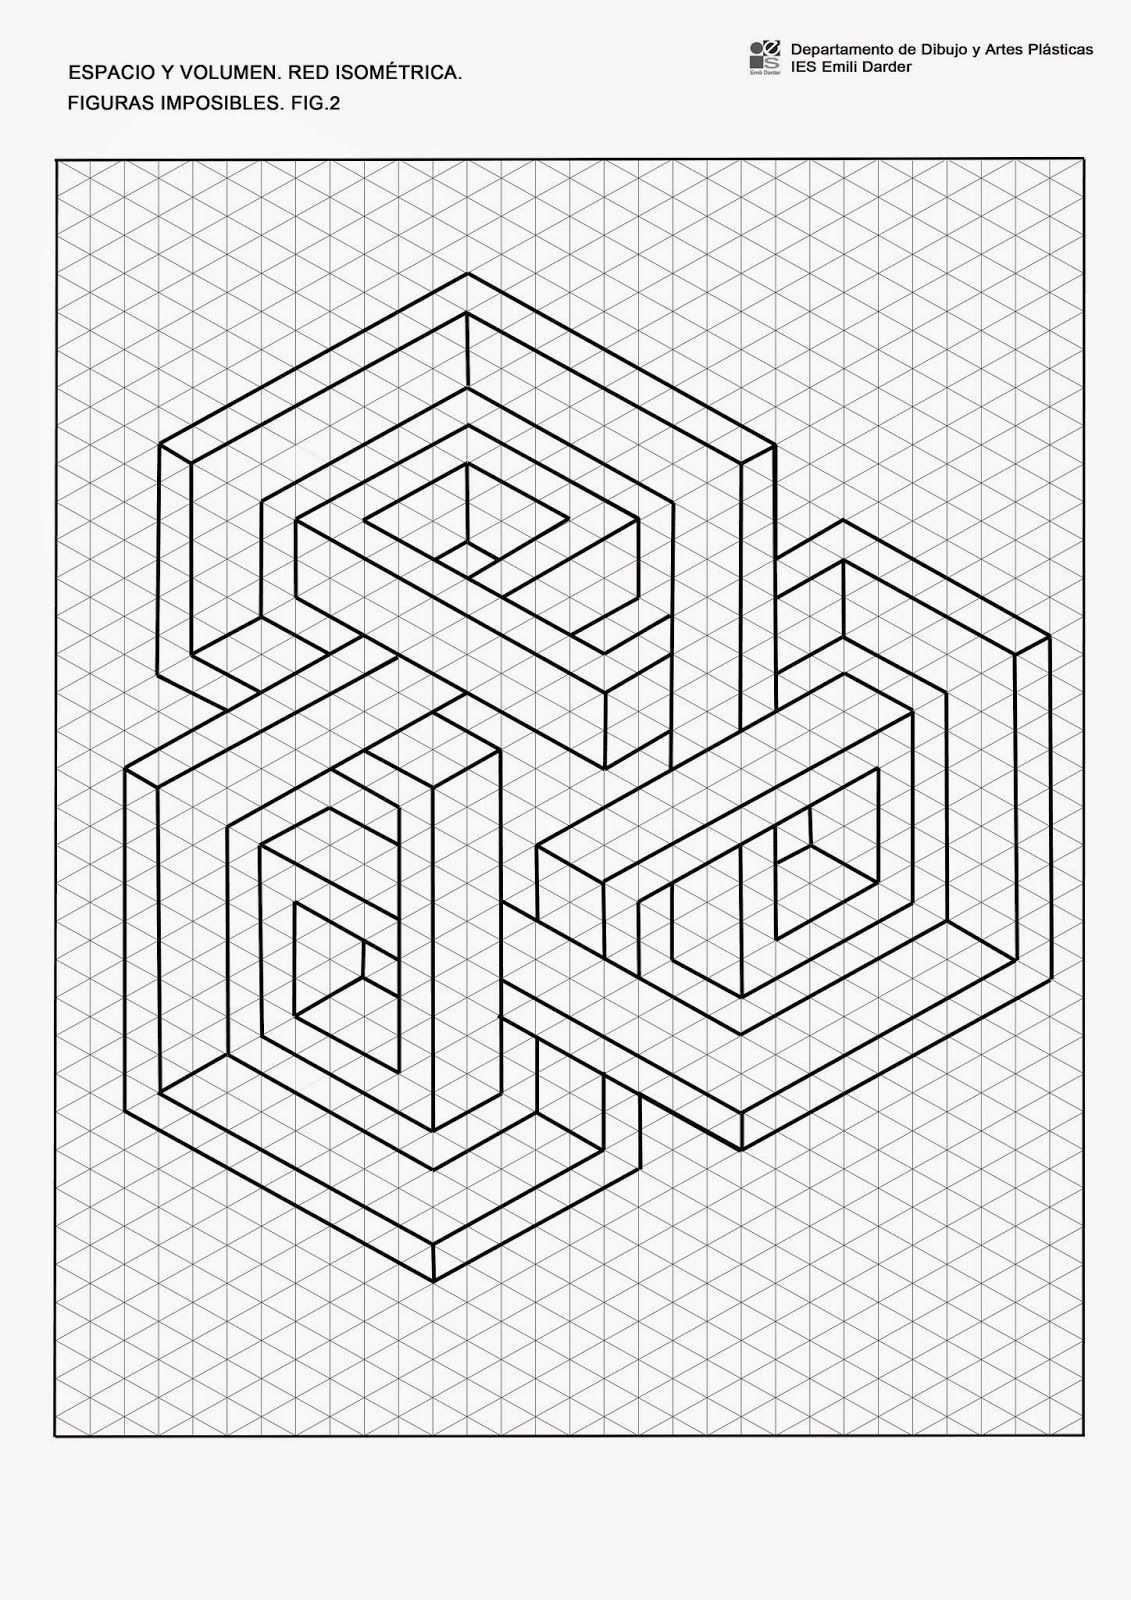 Figuraimpos2 Isom Jpg 1131 1600 Kunst Auf Papier Isometrie Zeichnen 3d Kunst Zeichnung